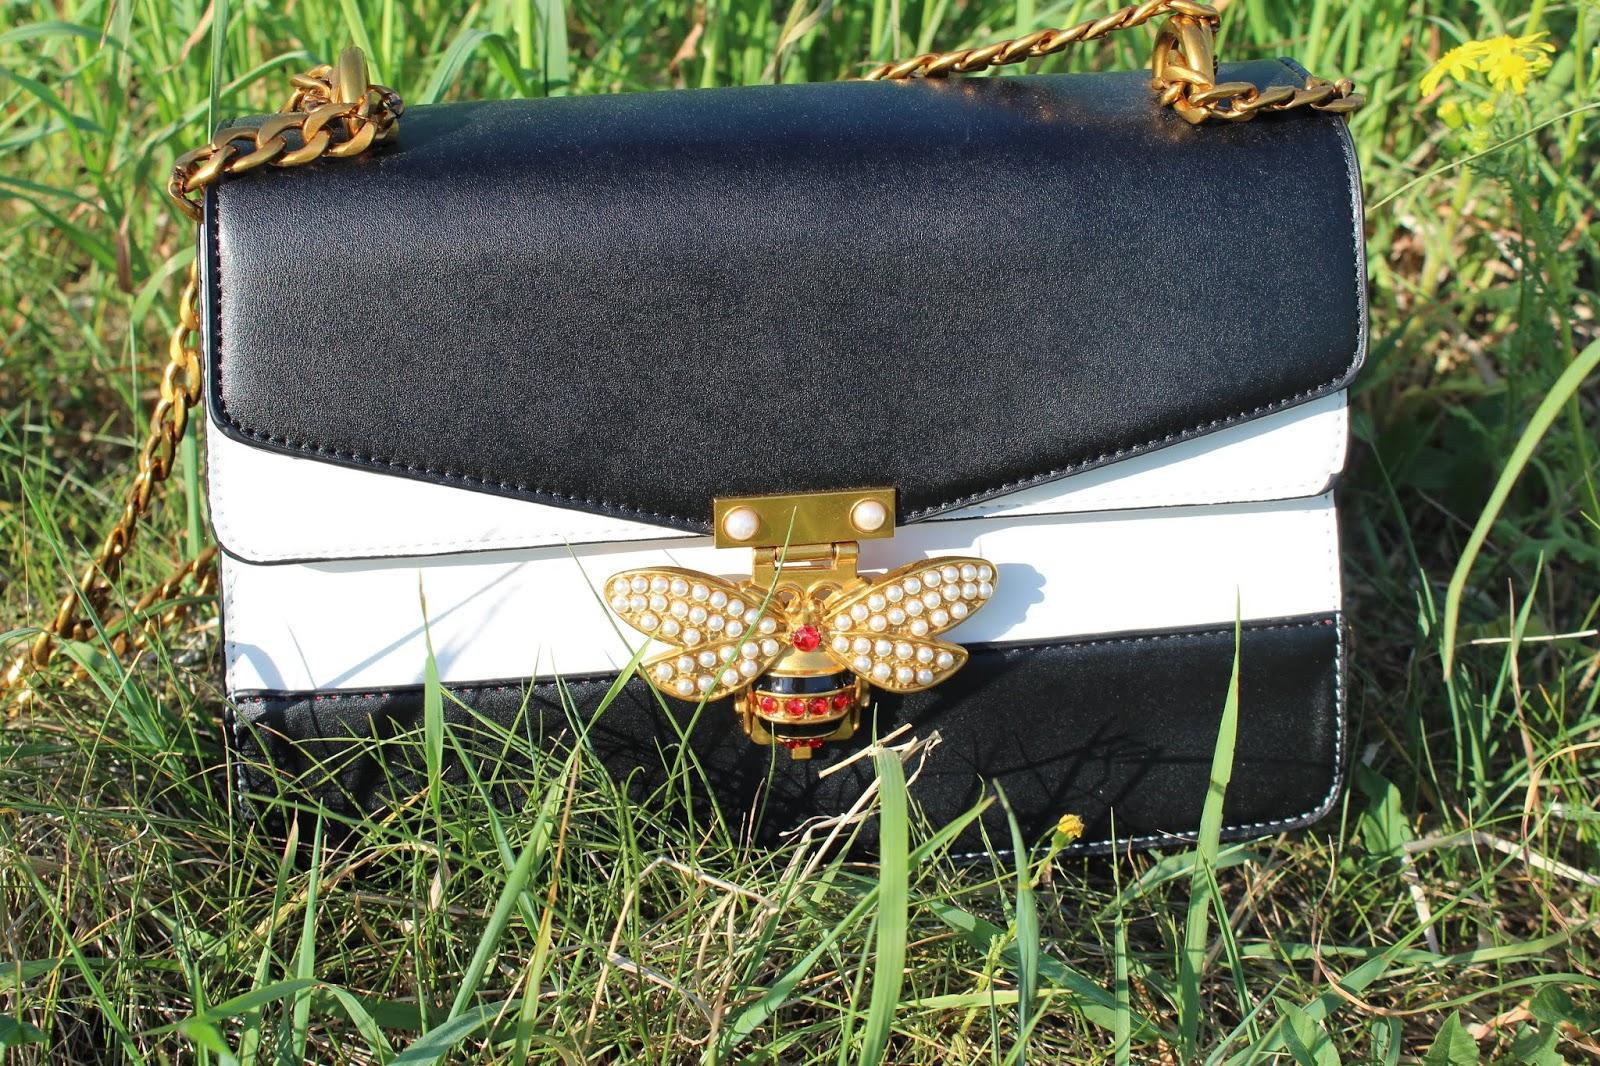 Torebka listonoszka z pszczołą - cudowne uzupełnienie letniej stylizacji ze sklepu Brytyjka.pl